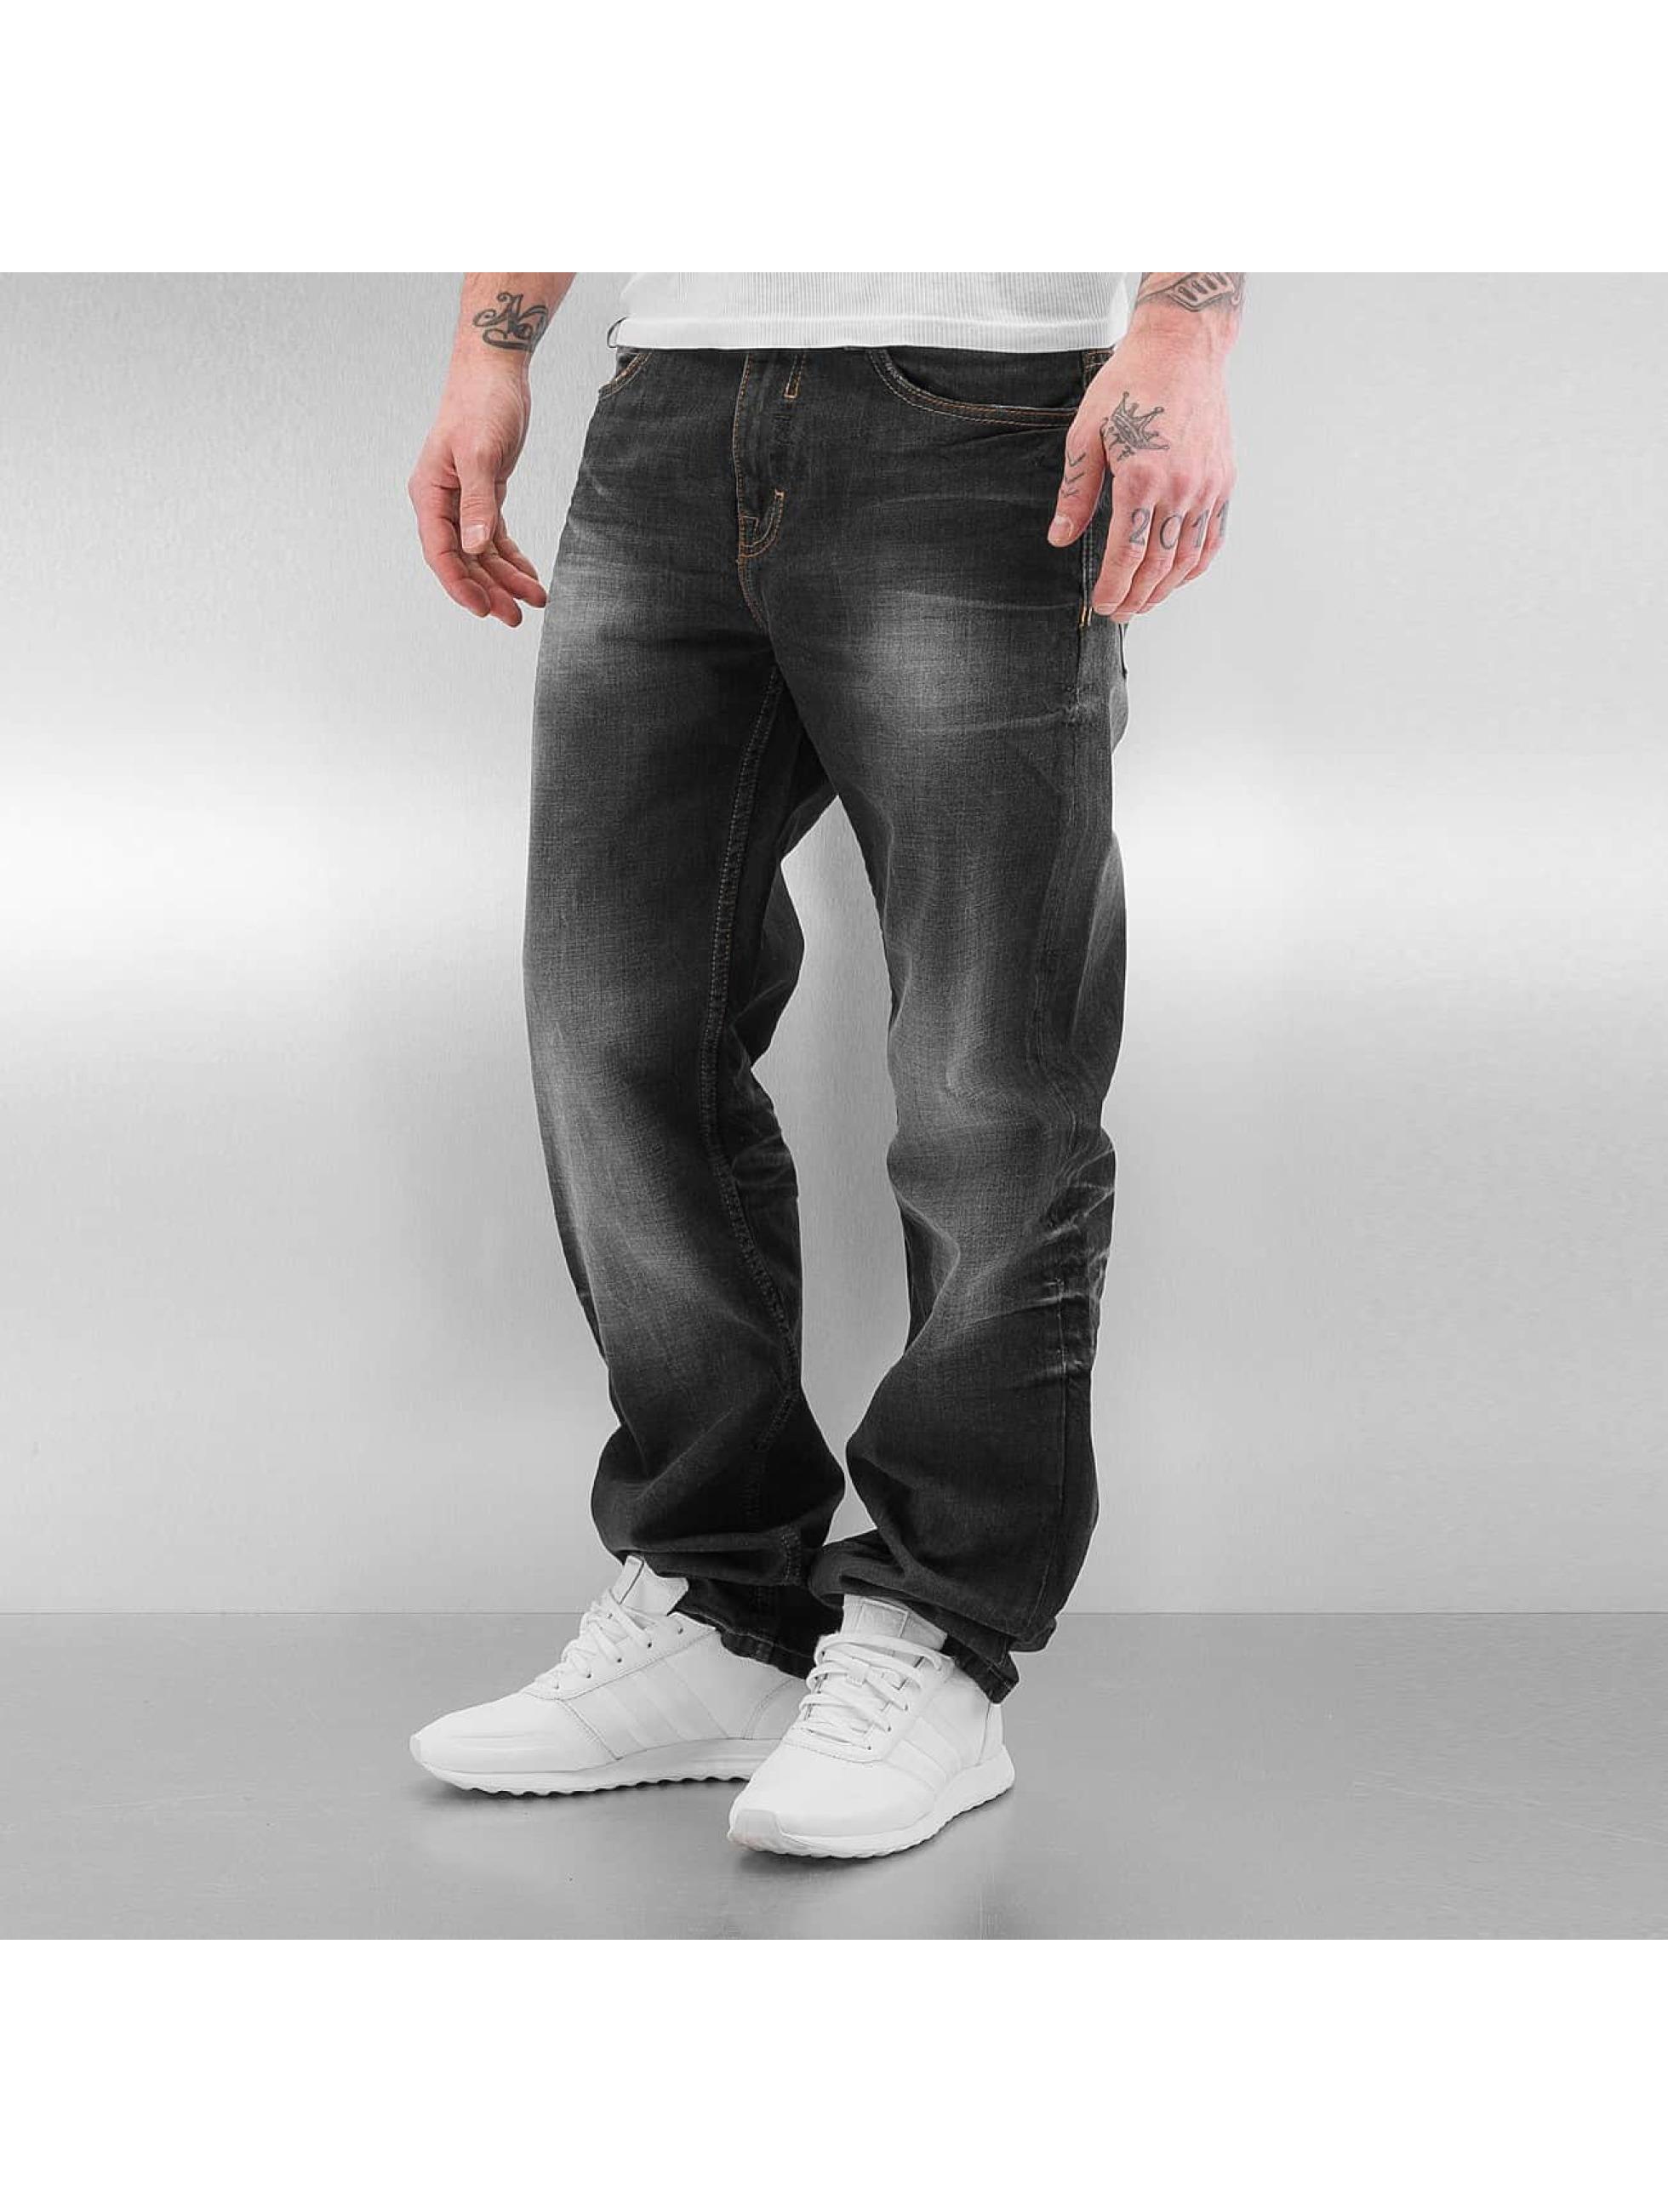 tom tailor jeans mens images true religion men s jeans. Black Bedroom Furniture Sets. Home Design Ideas